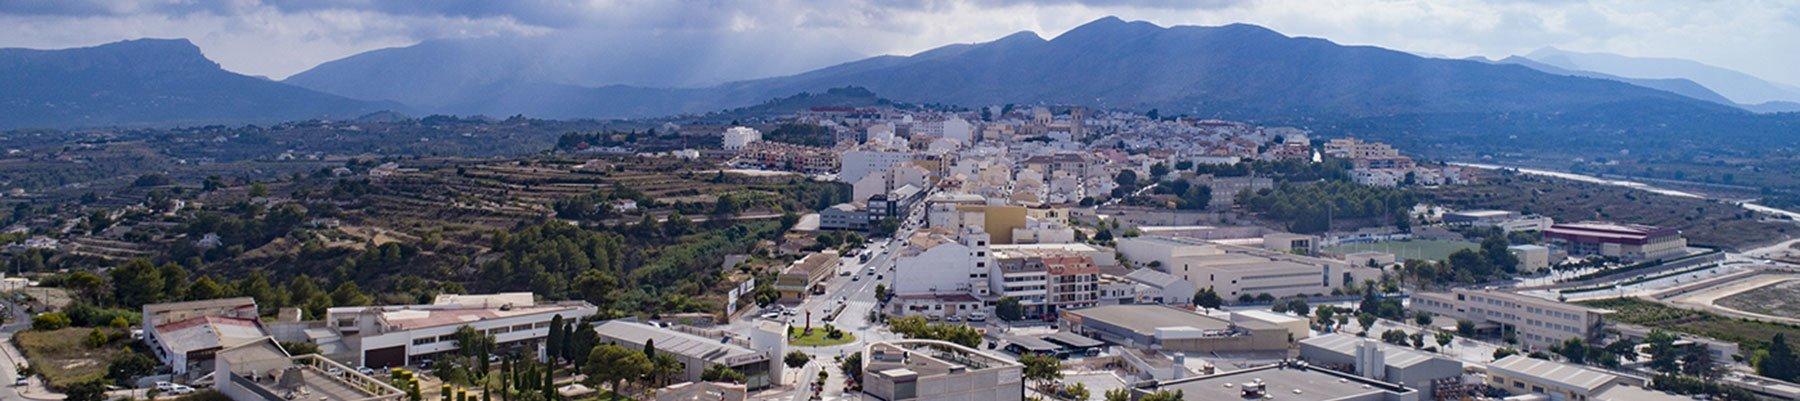 Información Socioeconómica y Laboral del Municipio de Benissa